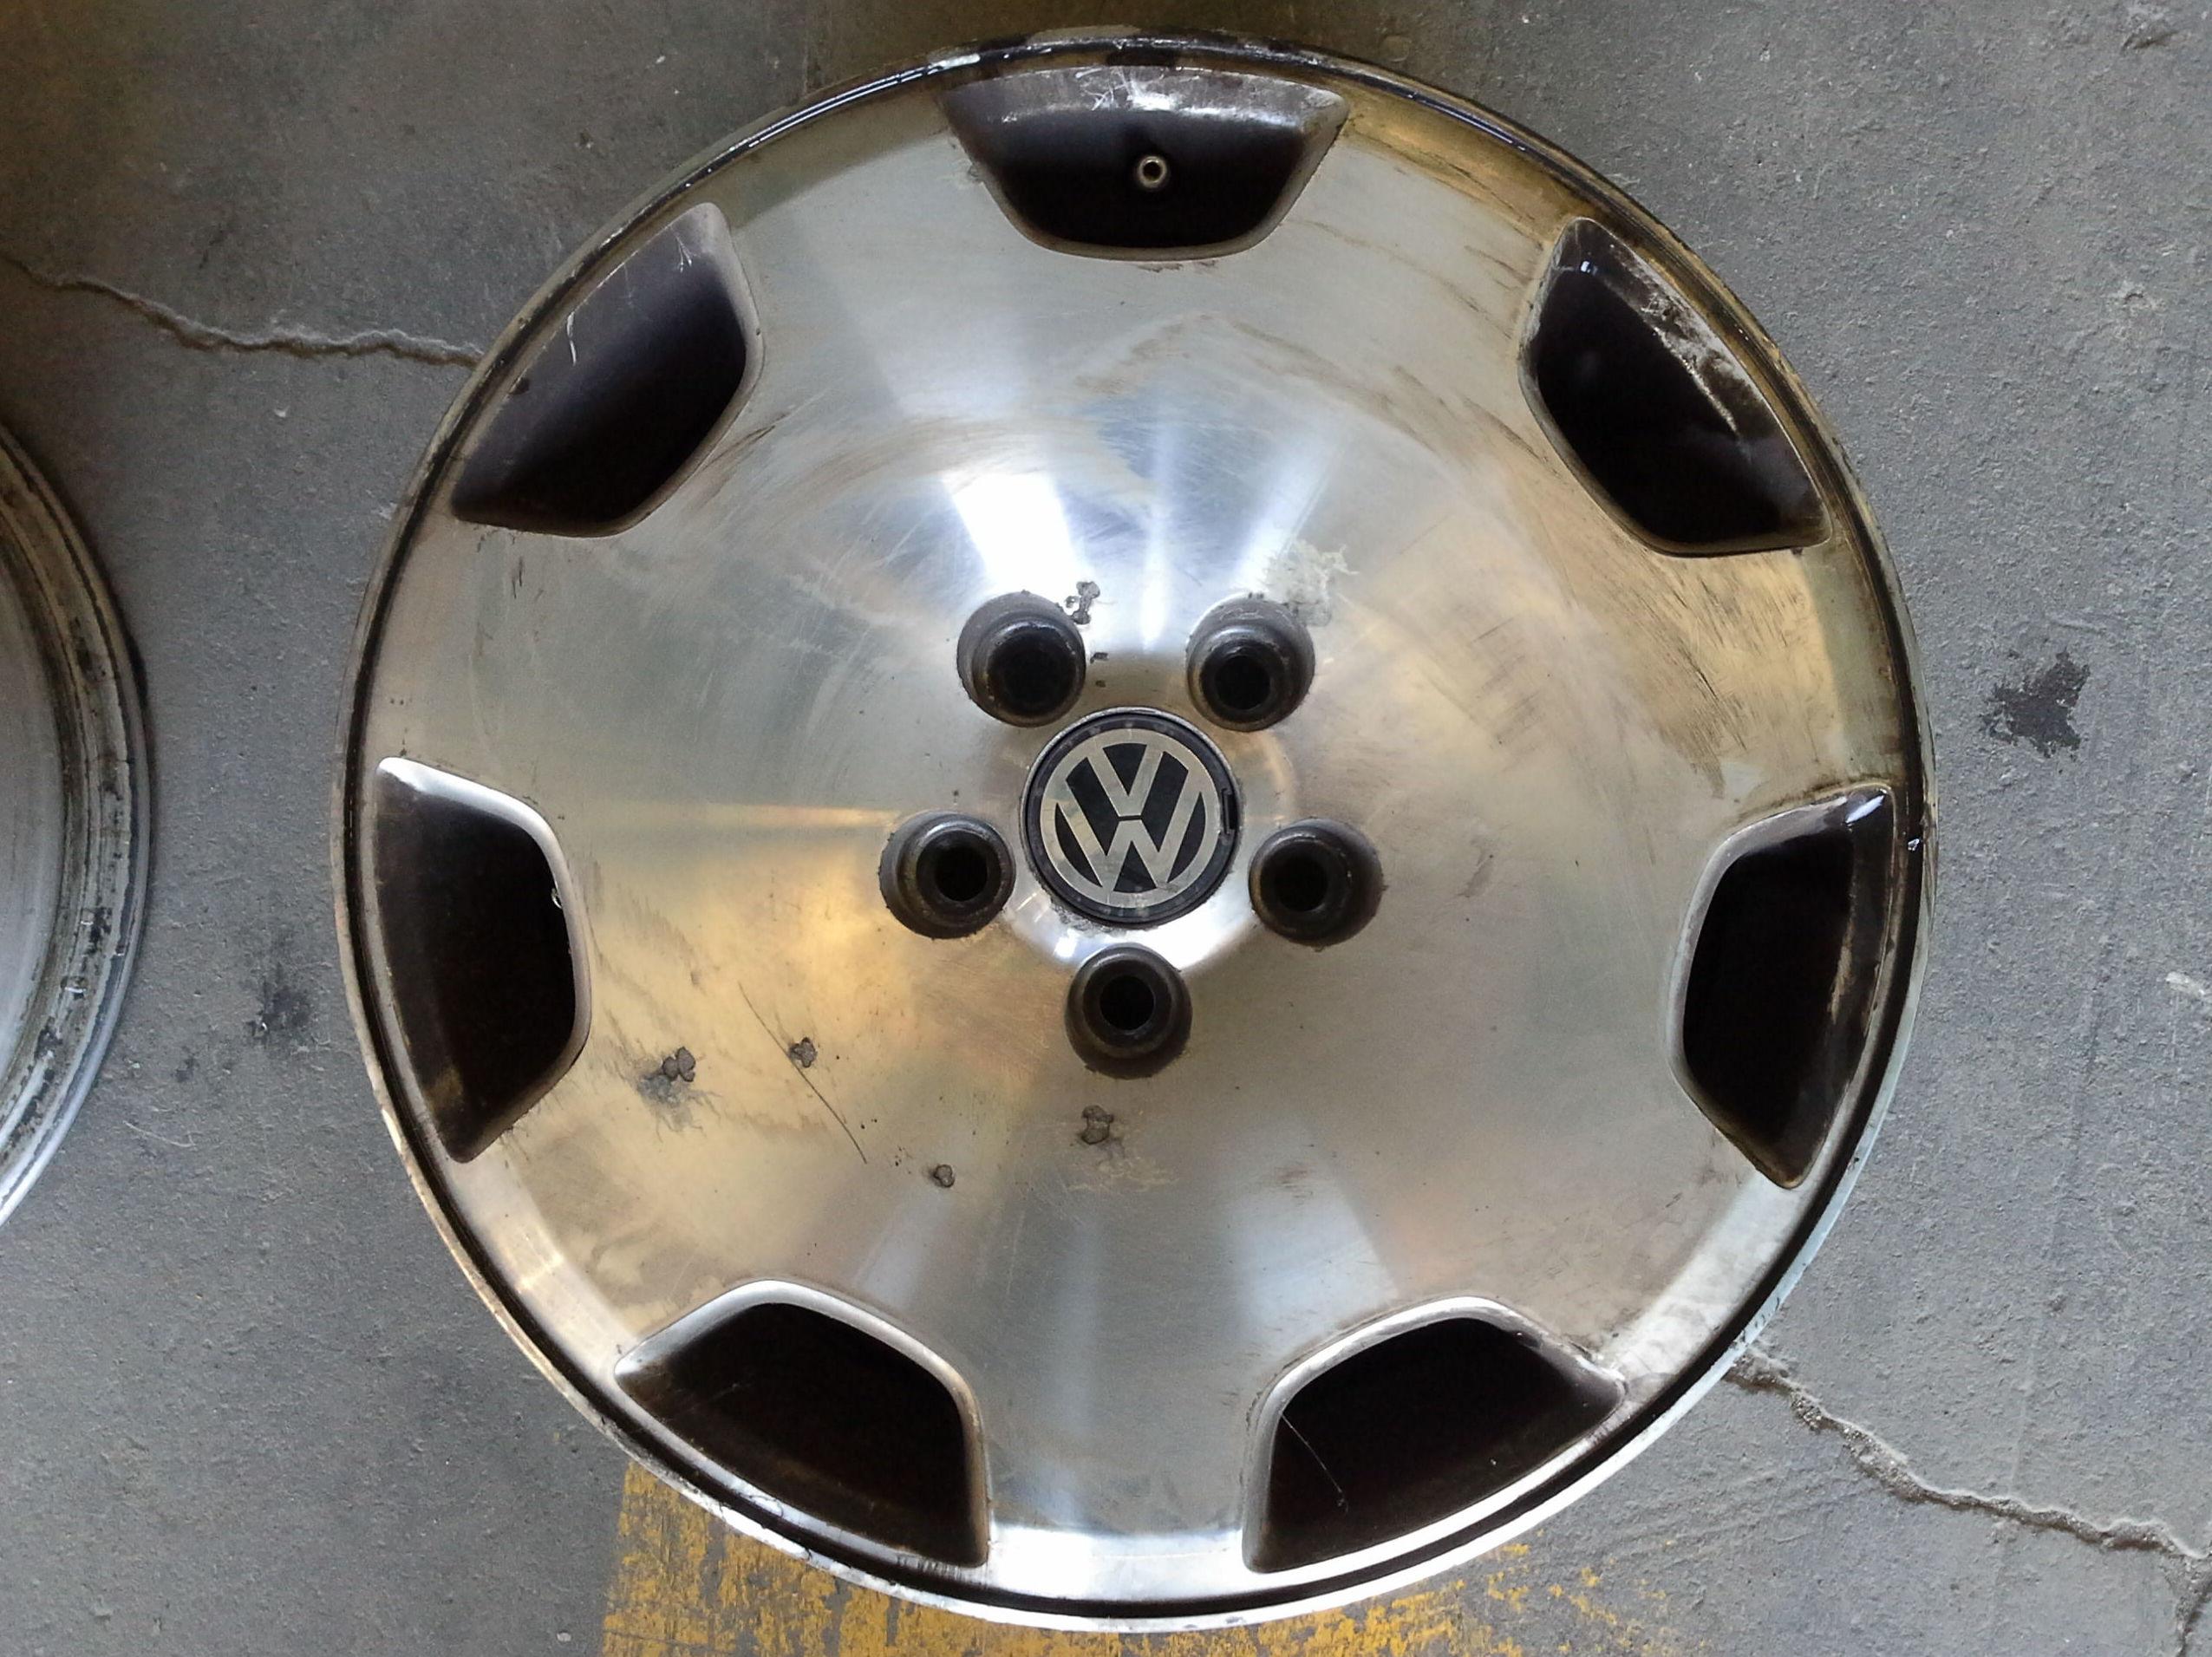 Llantas de Volkswagen en R-15 de 5 tornillos en Desguaces Clemente de Albacete